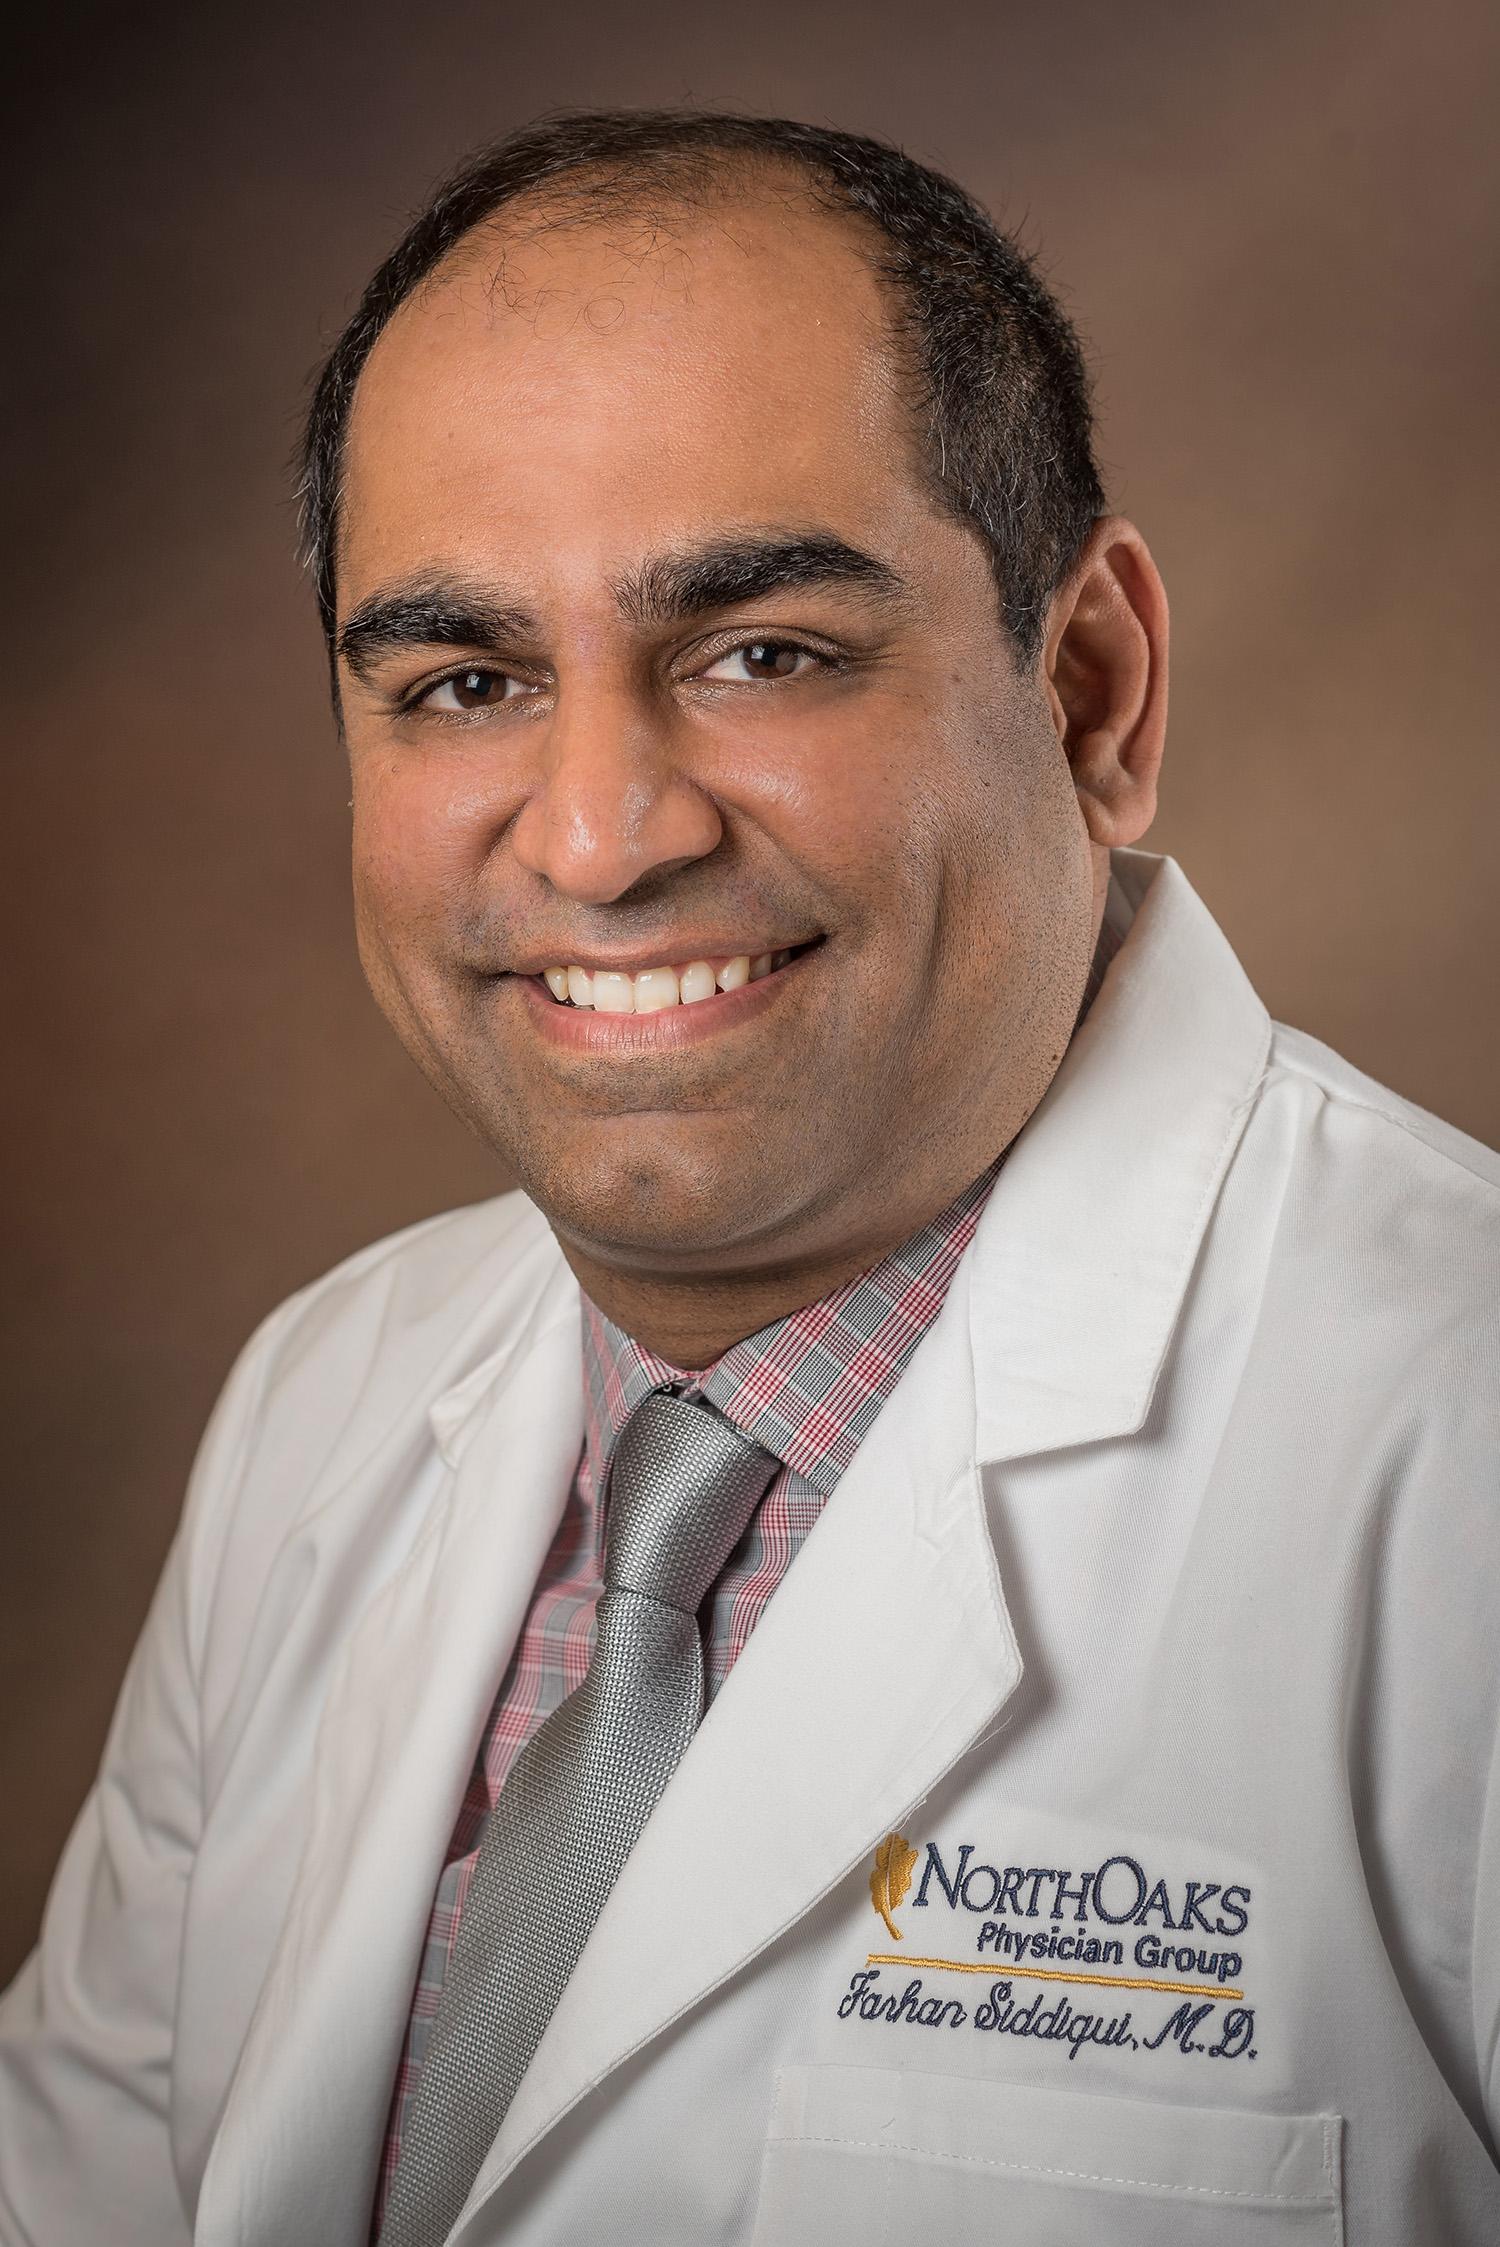 Farhan Siddiqui, MD | Hammond Health System